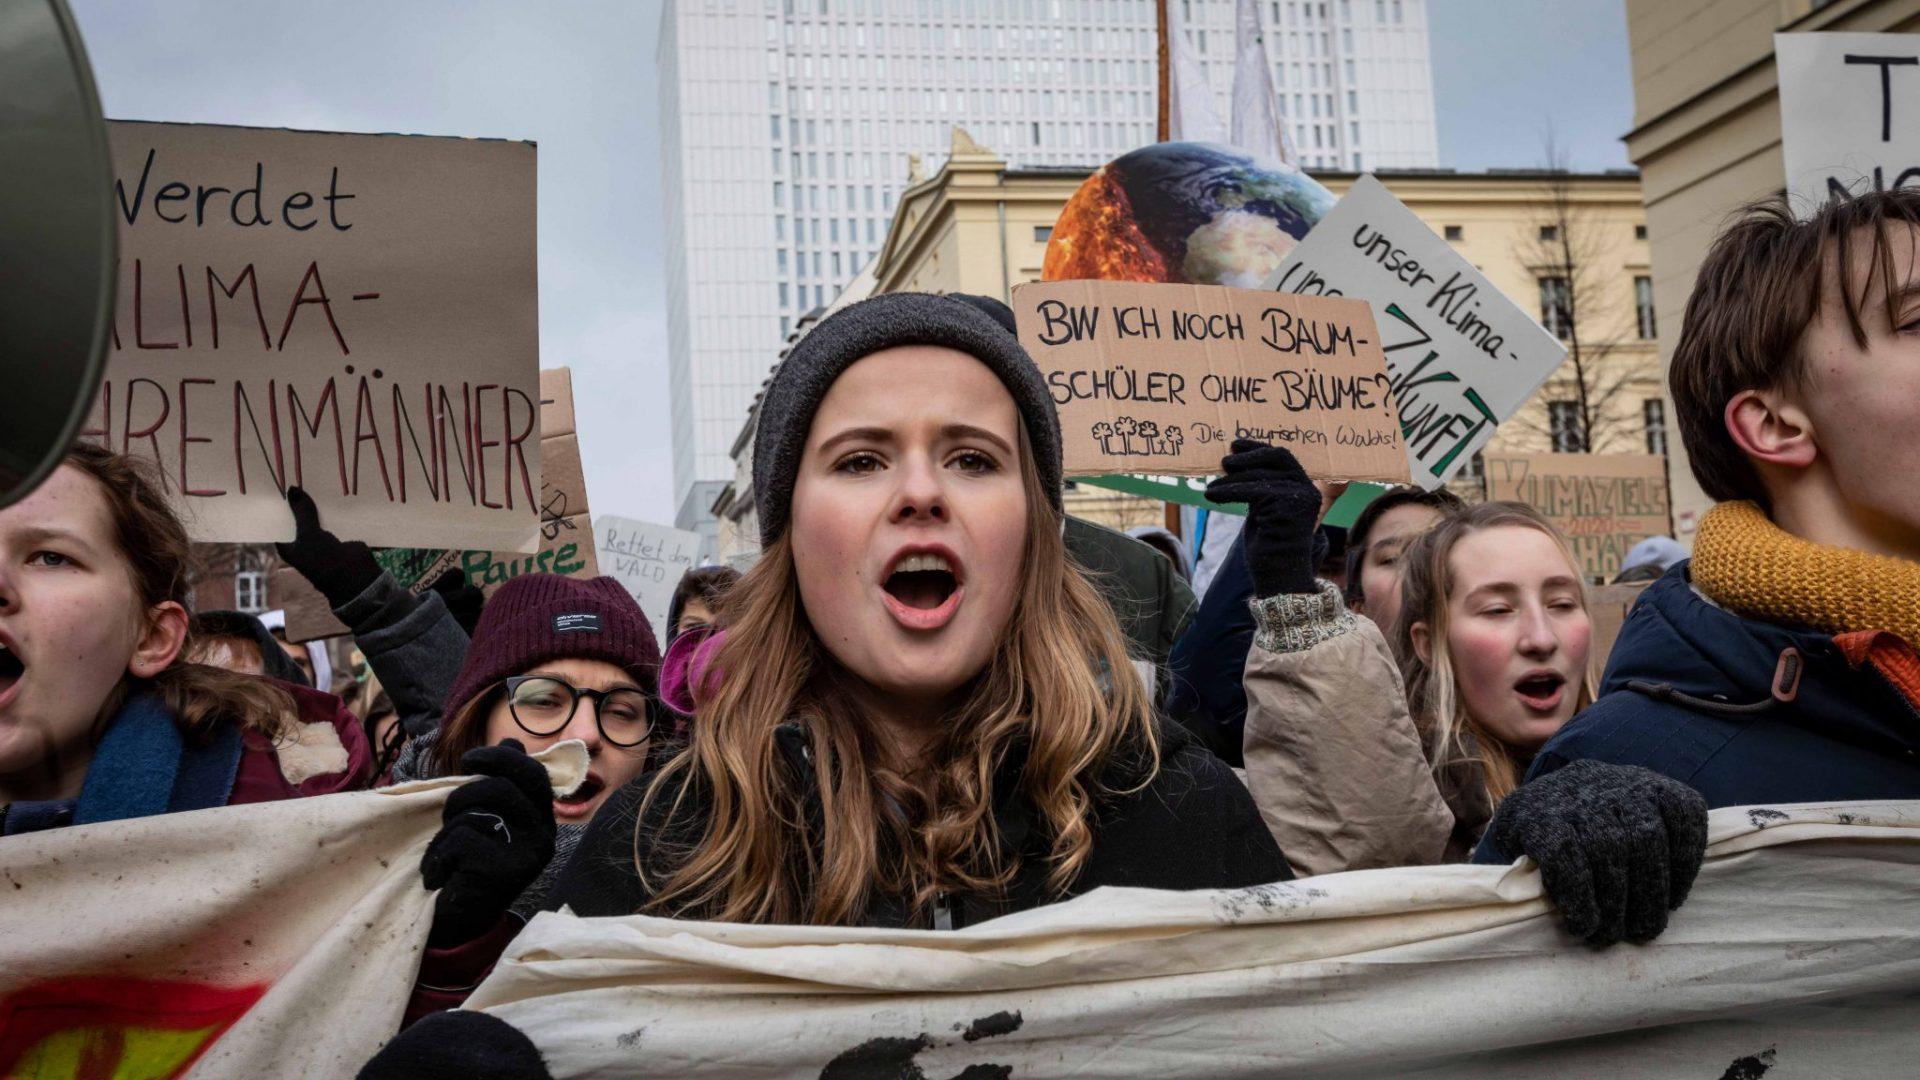 Wir sind hier und wir sind laut, weil ihr uns die Zukunft klaut. © Jörg Farys / WWF